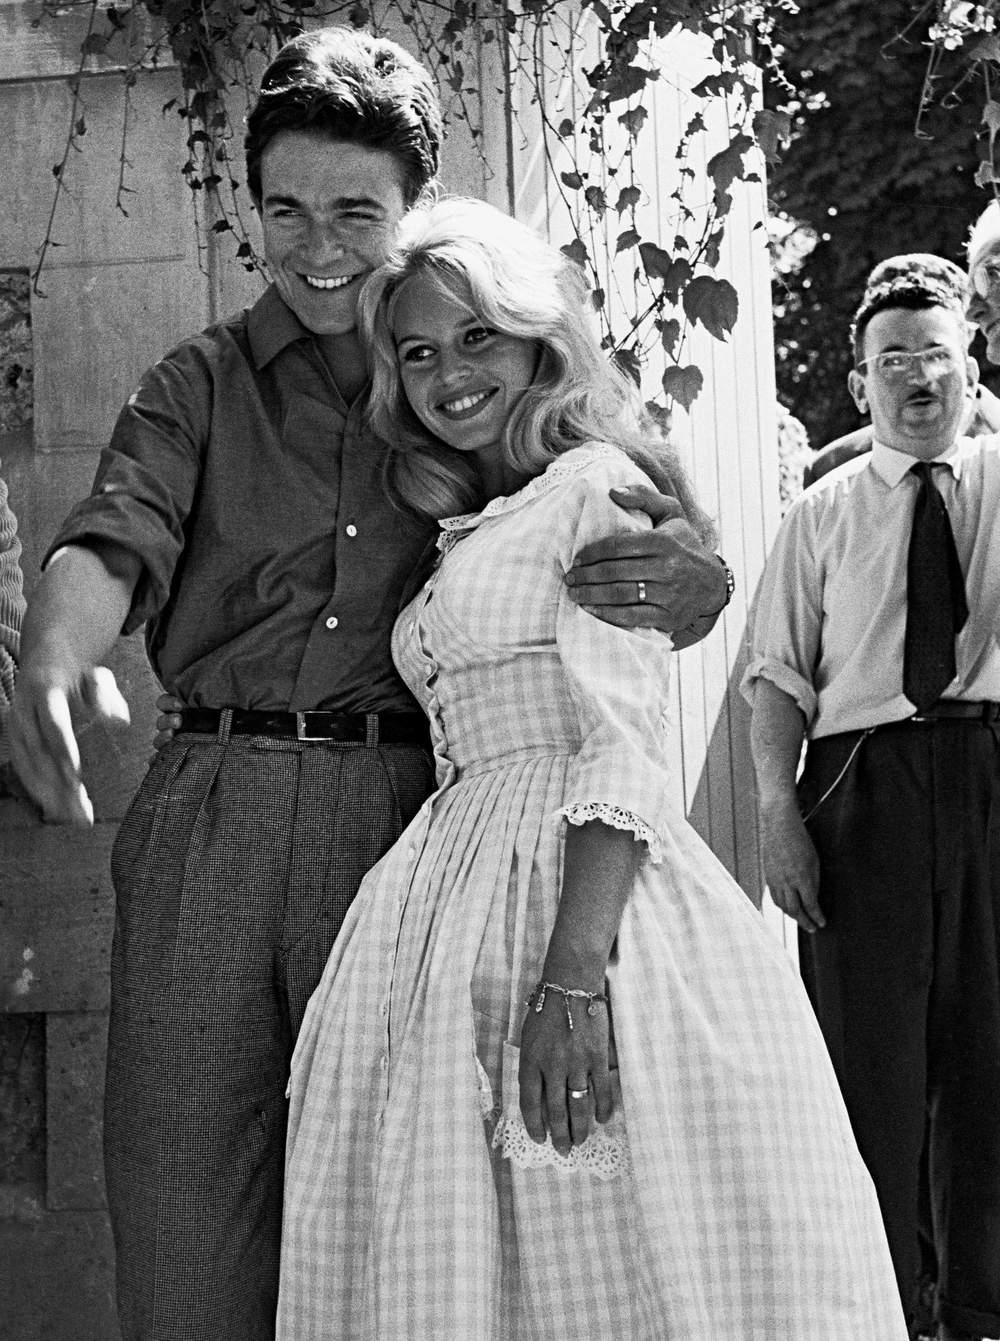 en-1959-lors-de-son-mariage-avec-jacques-charrier-brigitte-bardot-relance-la-mode-du-tissu-vichy